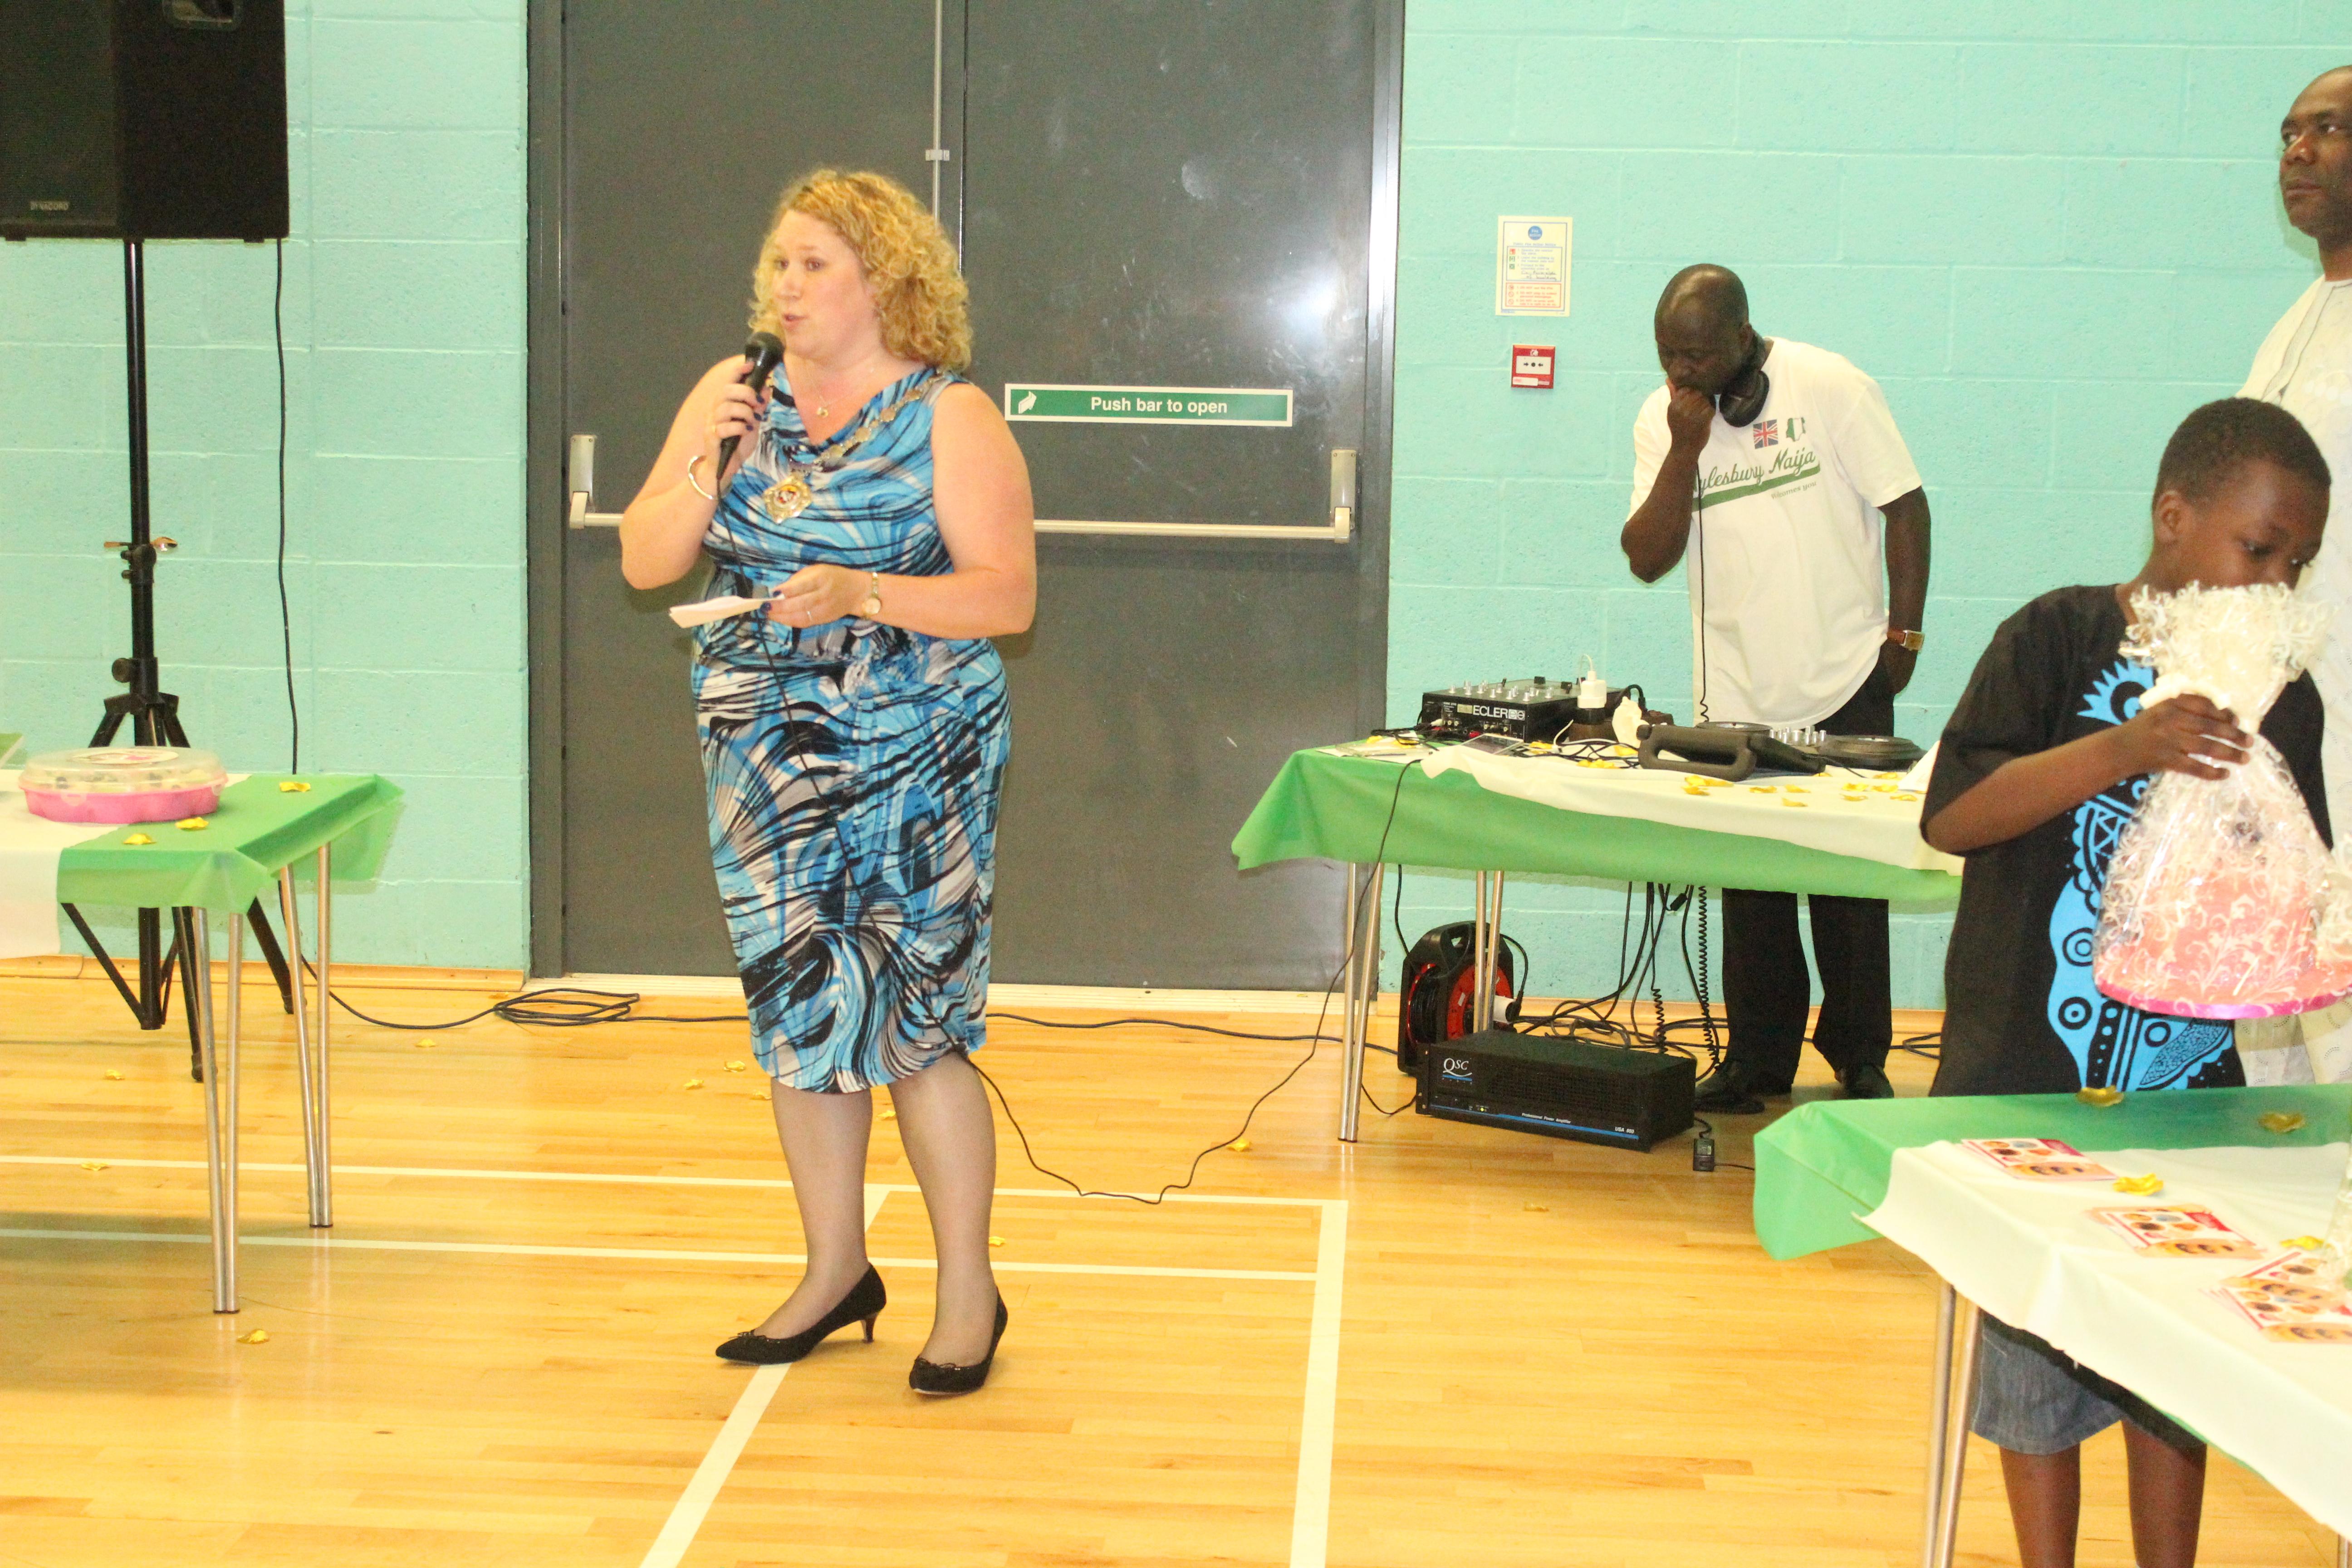 Cllr Allison giving a speech